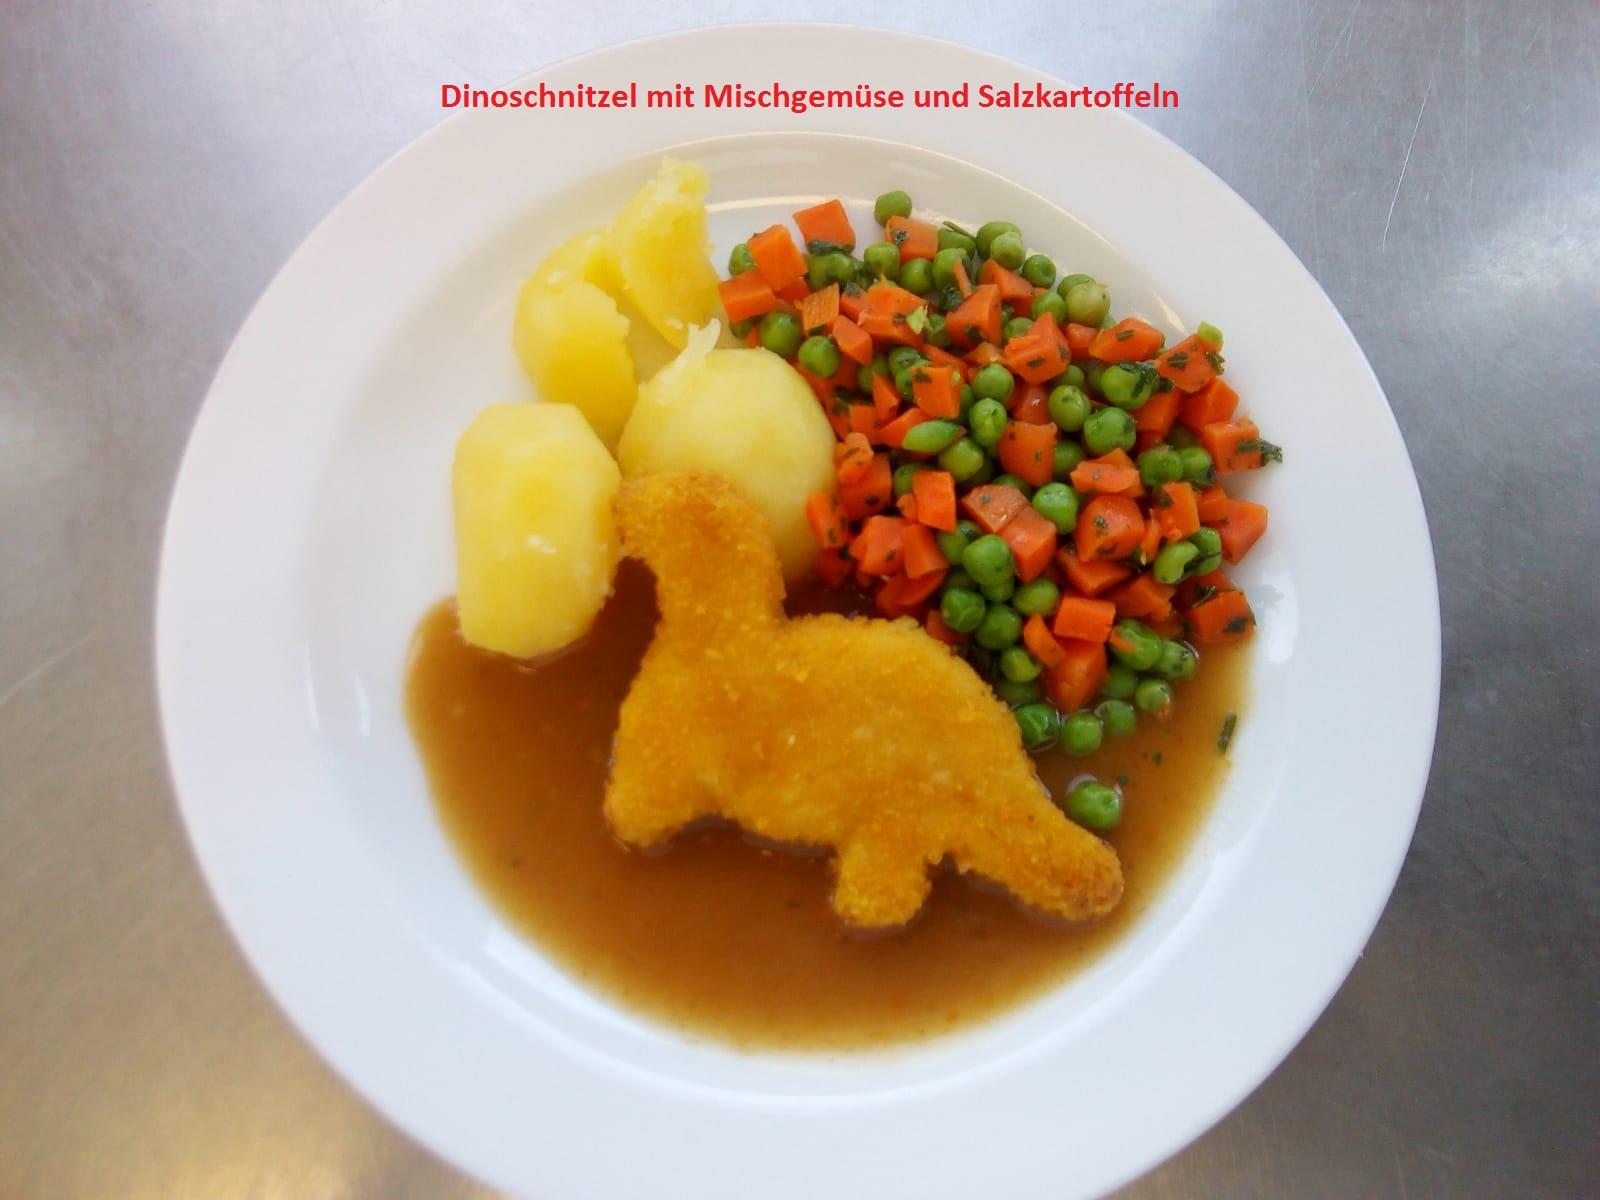 Putendinoschnitzel mit Mischgemüse, Kartoffeln und Soße